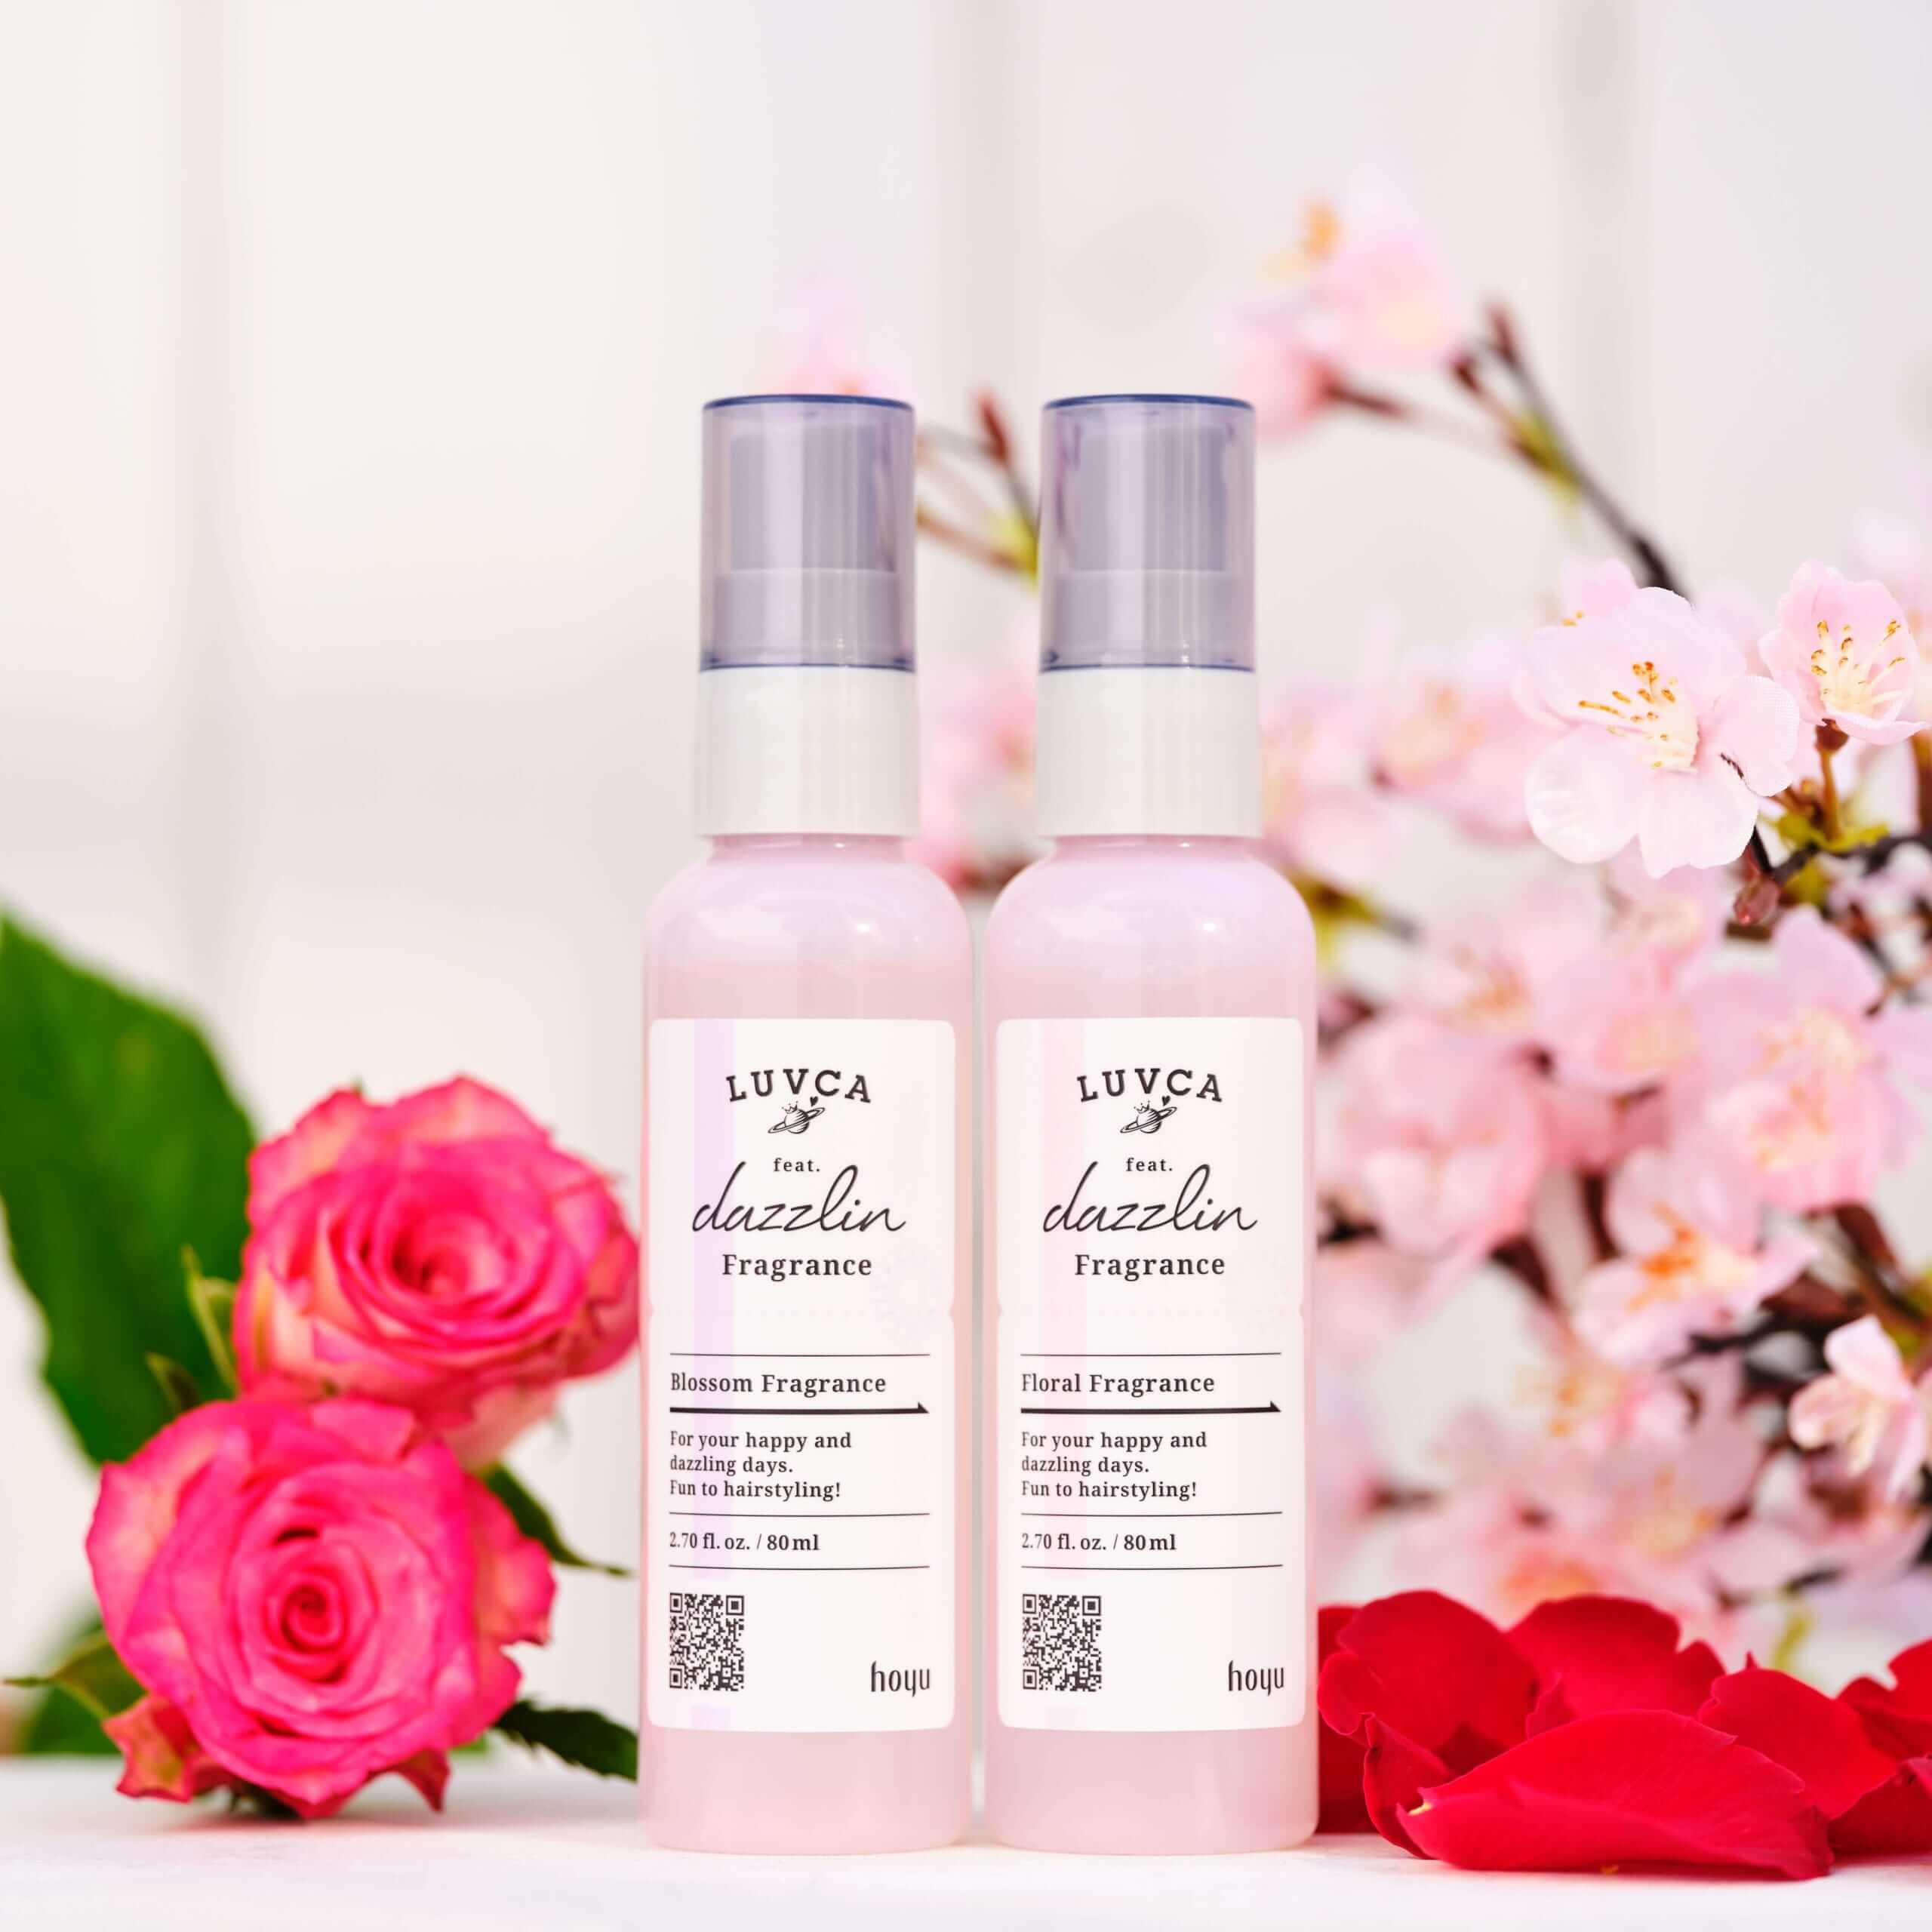 LUVCAフレグランスシリーズの髪・肌両用化粧水ミストのメインイメージ